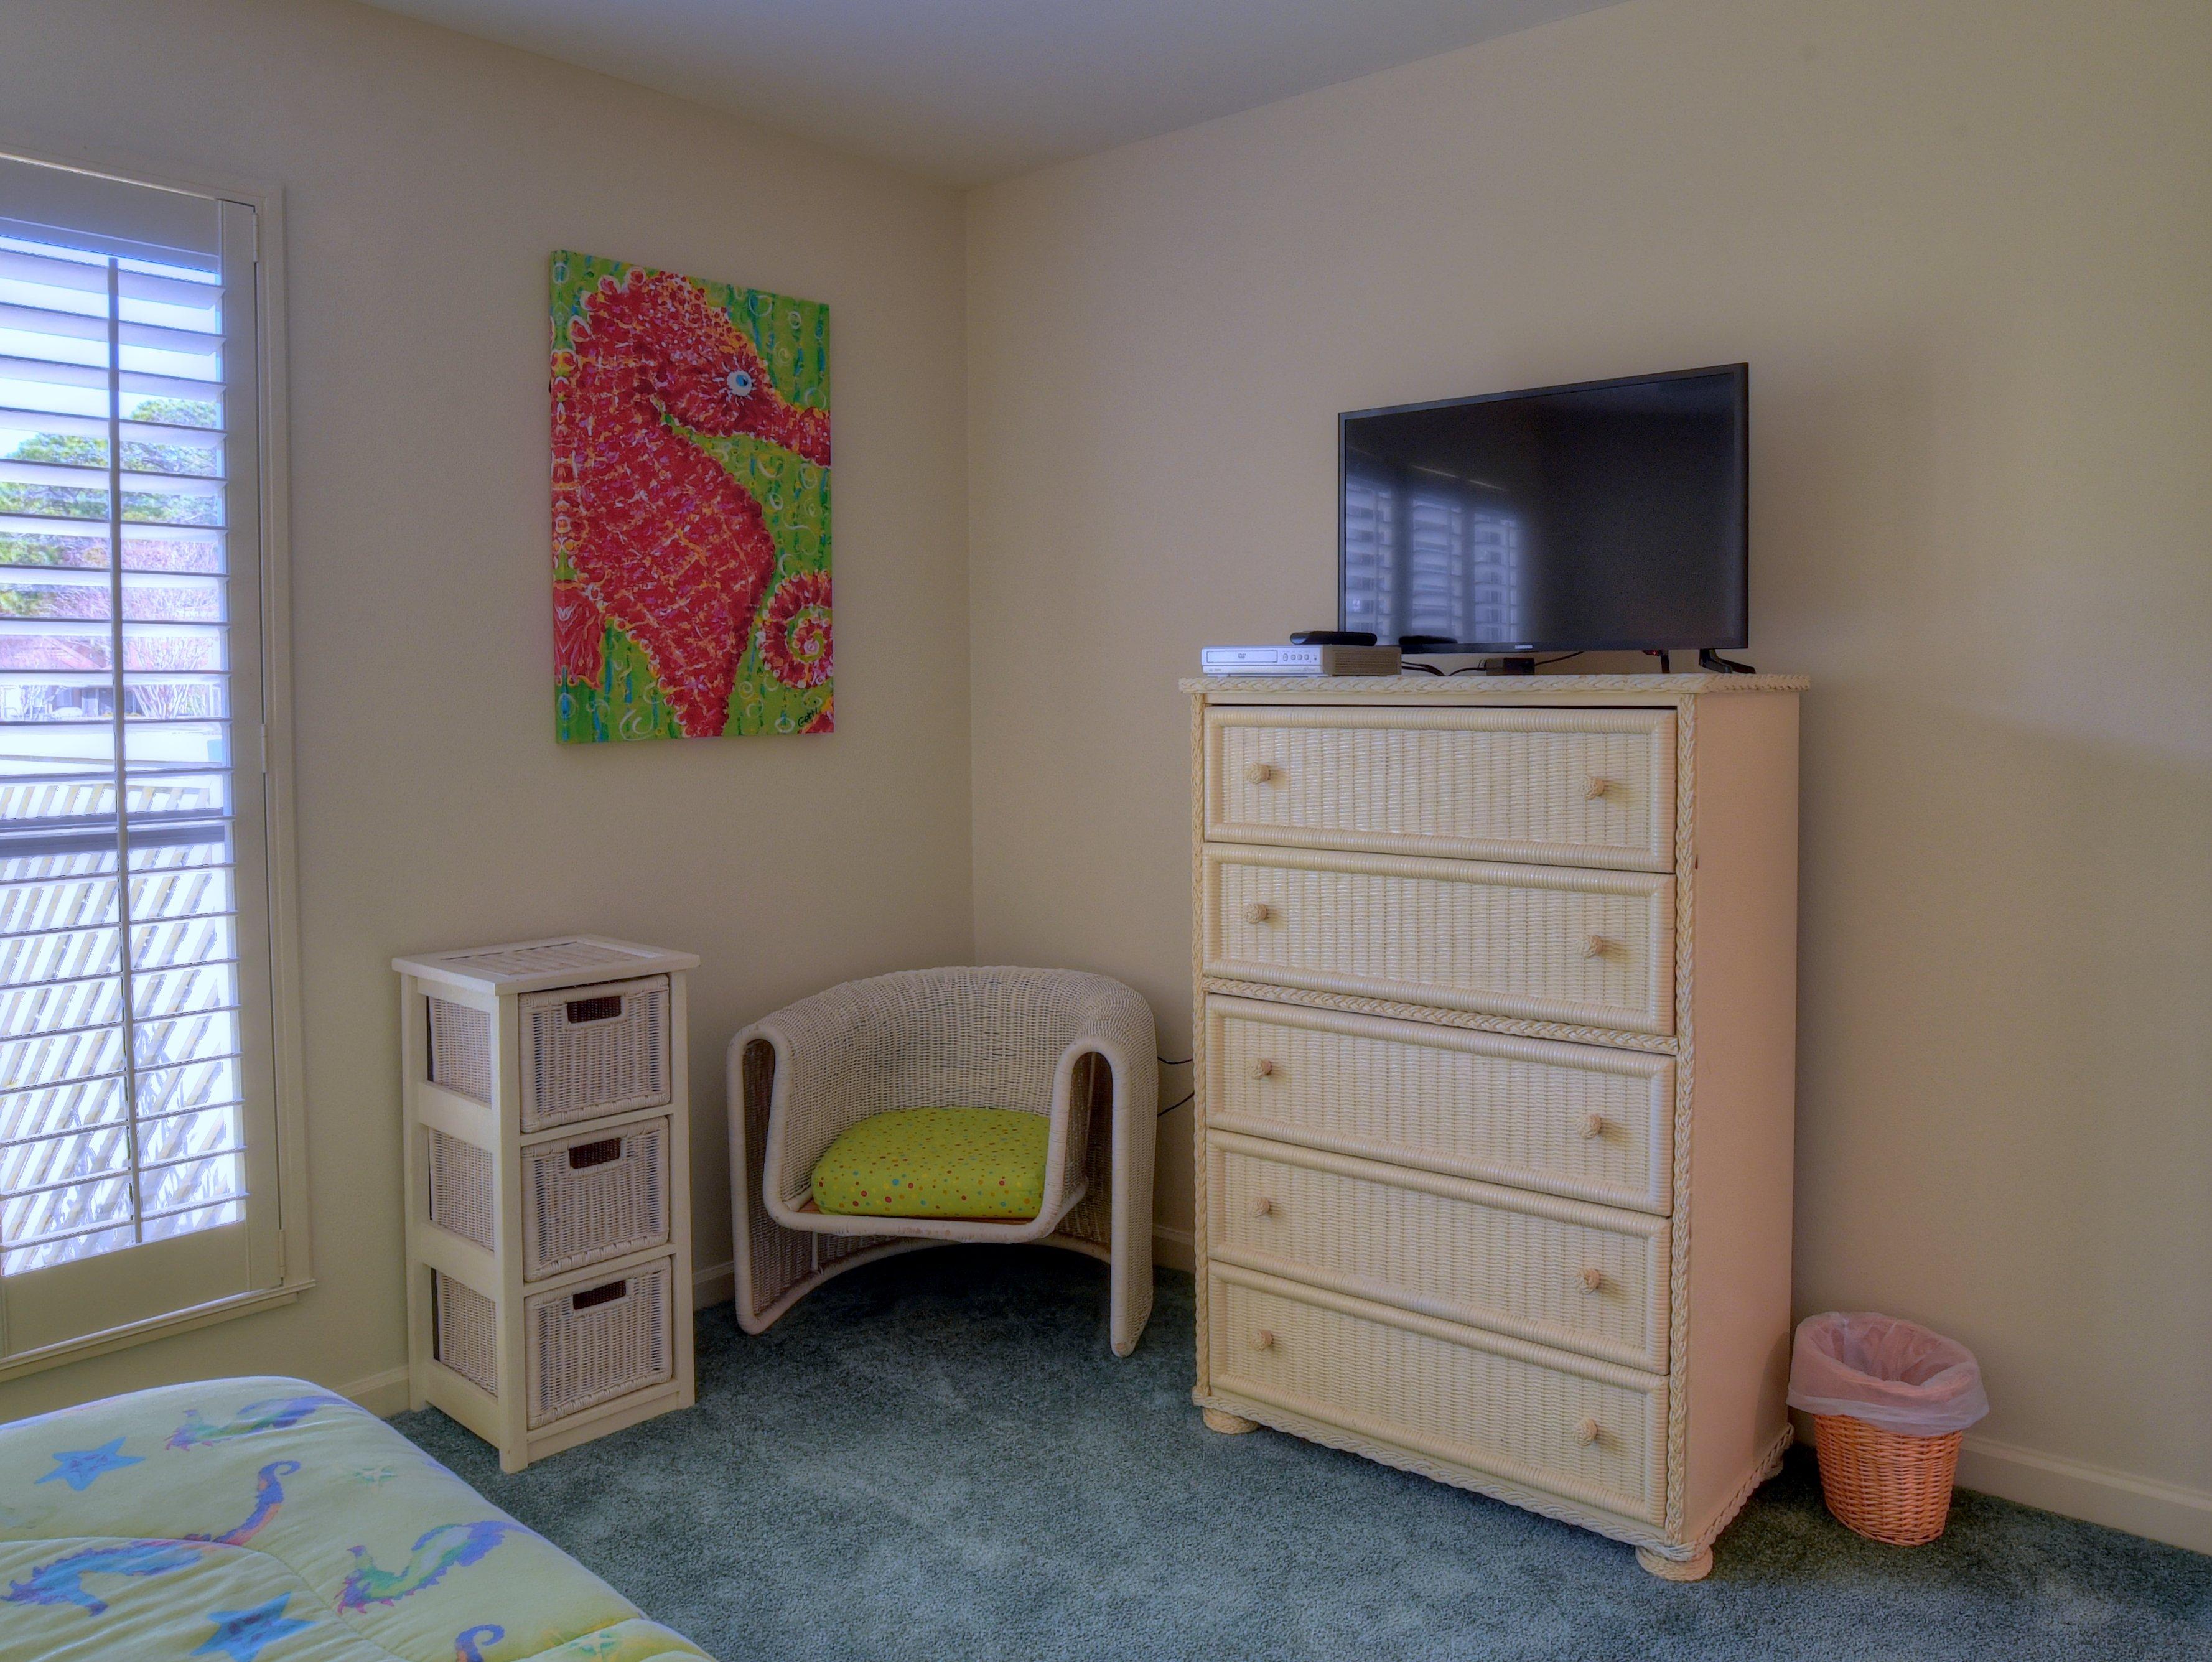 205 Fairways Condo rental in Sandestin Rentals ~ Cottages and Villas  in Destin Florida - #13